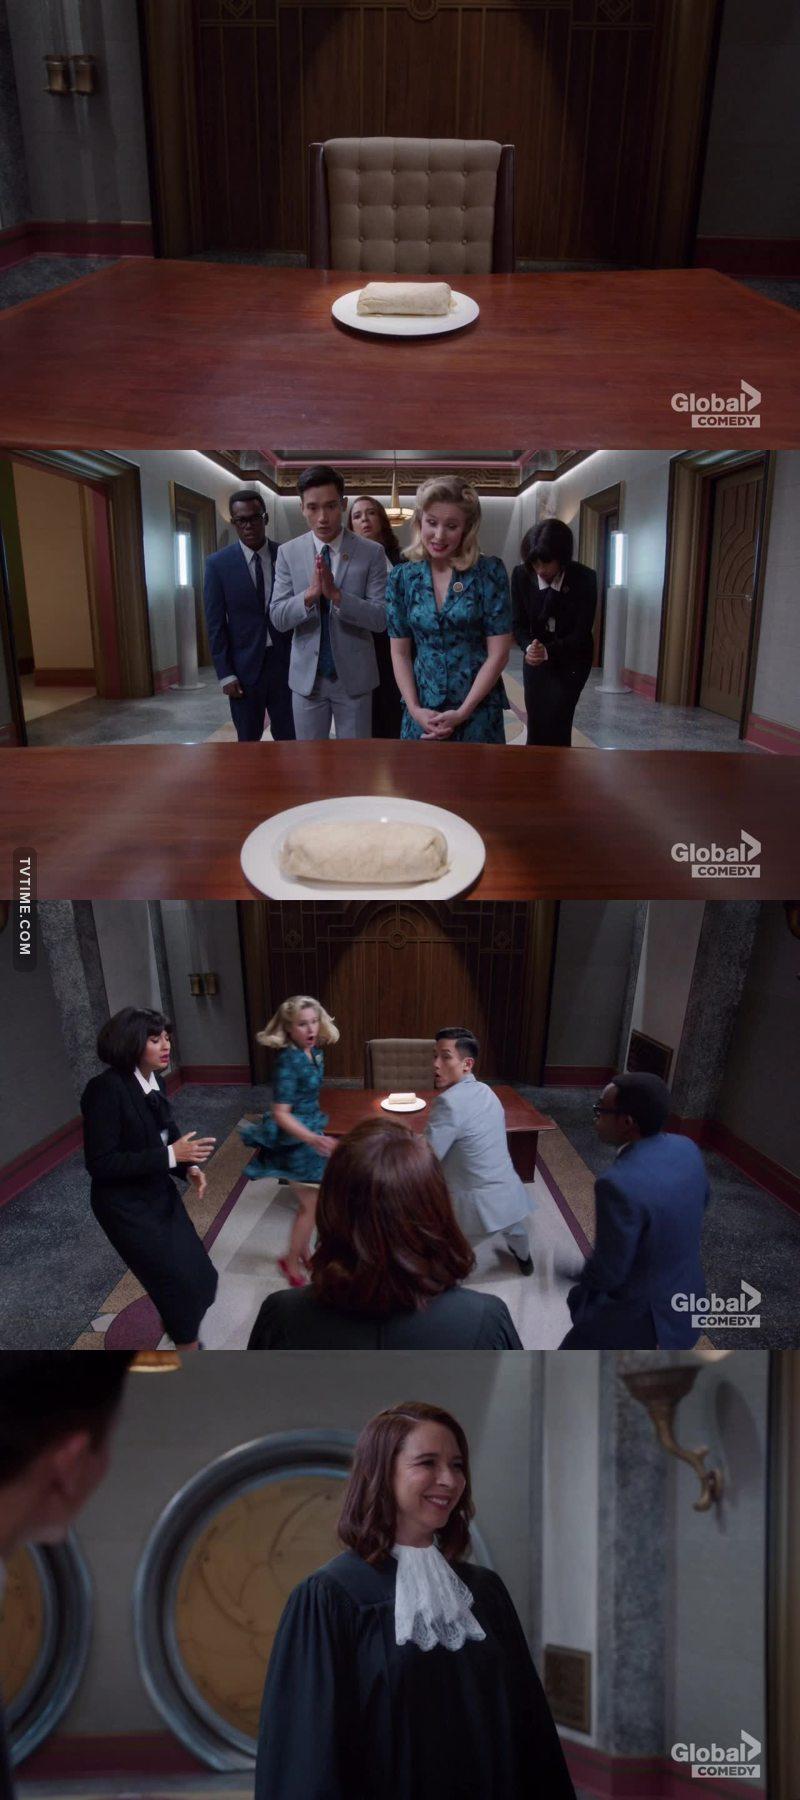 eles conversando com o burrito achando q fosse a juíza KSJZNSNDM